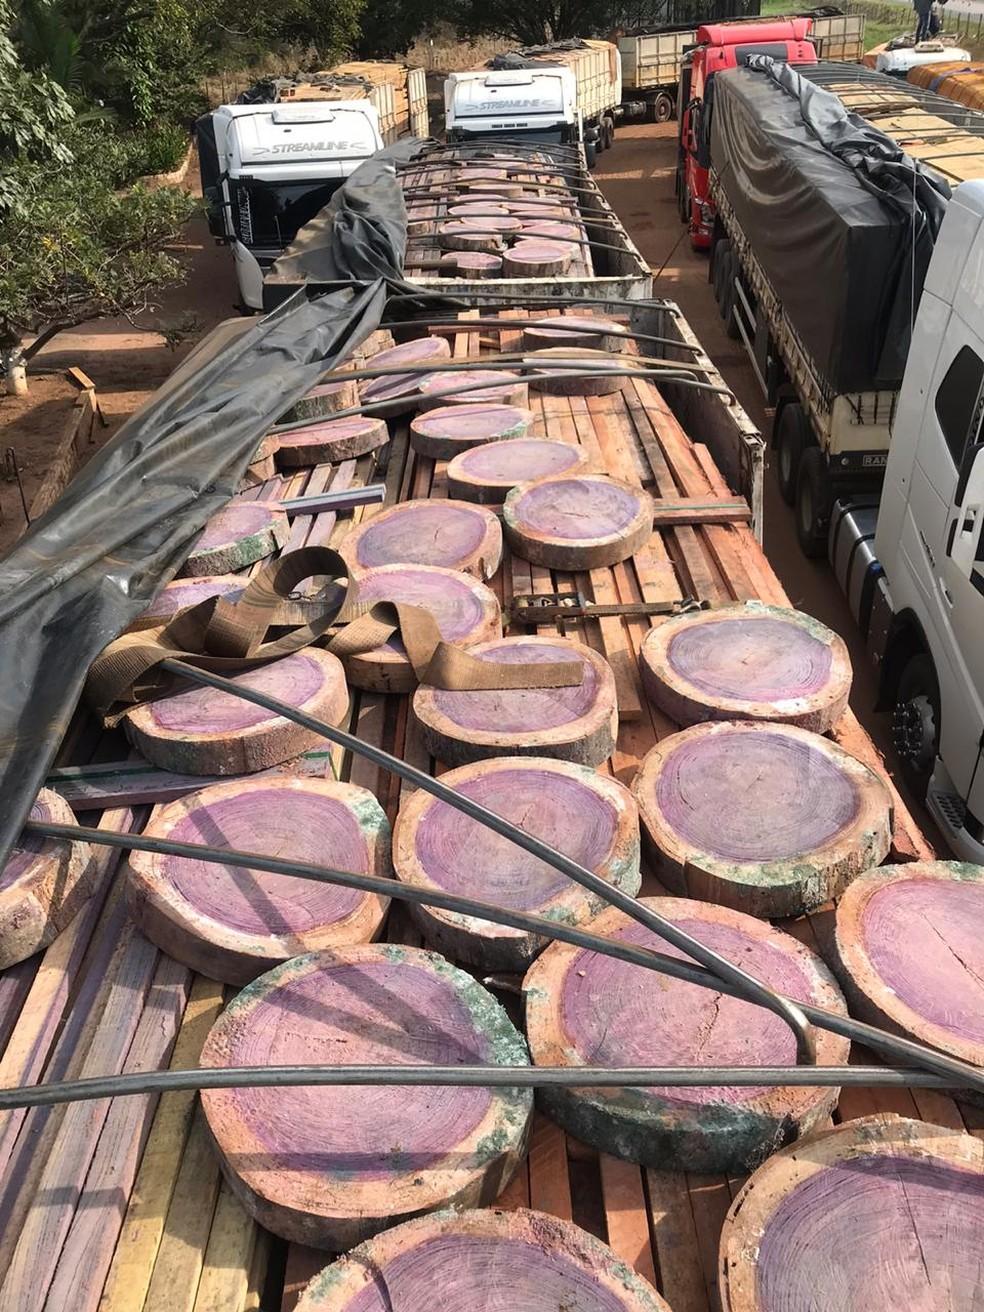 Mil metros cúbicos de madeira ilegal e 30 caminhões foram apreendidos em MT — Foto: Comando de Fronteira Miltar/MT